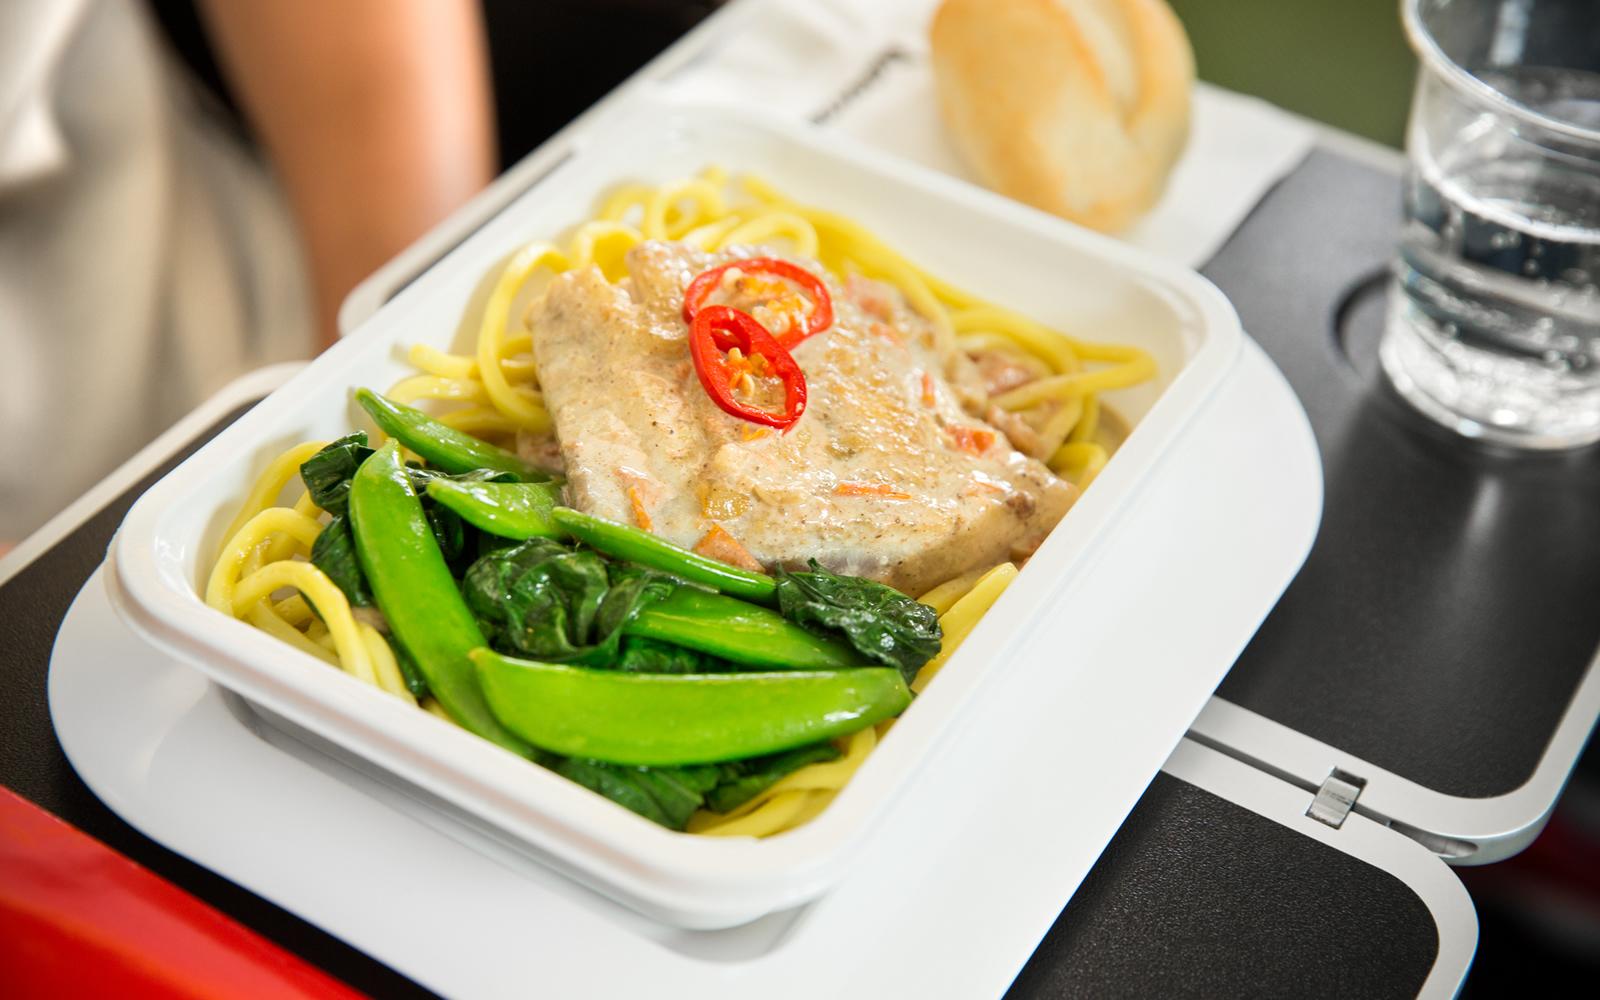 カンタス航空 国際線エコノミークラスの機内食「路線の特色を生かしたメニュー」の一例